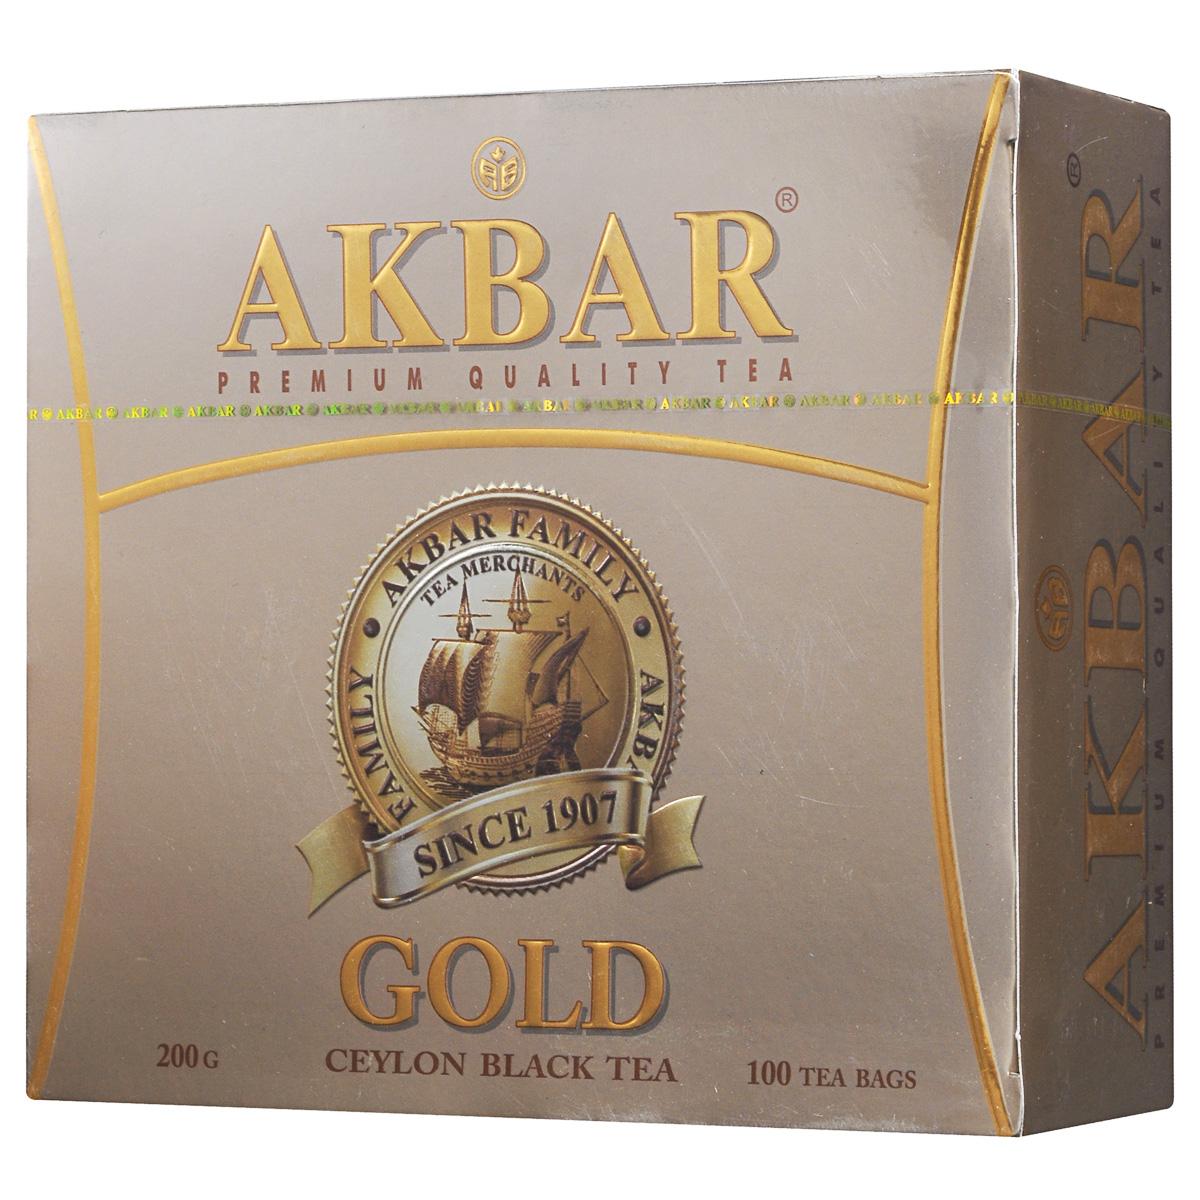 Akbar Gold черный чай в пакетиках, 100 шт1041131Как известно, чай быстро абсорбирует любые посторонние запахи. Поэтому в процессе его производства и упаковки максимум внимания уделяется строгому соблюдению применяемых технологий и используемым материалам. И это неудивительно, ведь дело касается такого уровня чая класса Premium как Akbar Gold, создаваемого экзотической природой горной Шри-Ланки с ее холодными туманами, муссонными дождями и жарким солнцем. Для изготовления чайных пакетиков применяется фильтровальная бумага, состоящая только из натуральных компонентов, которая никак не влияет на первозданный вкус чая.